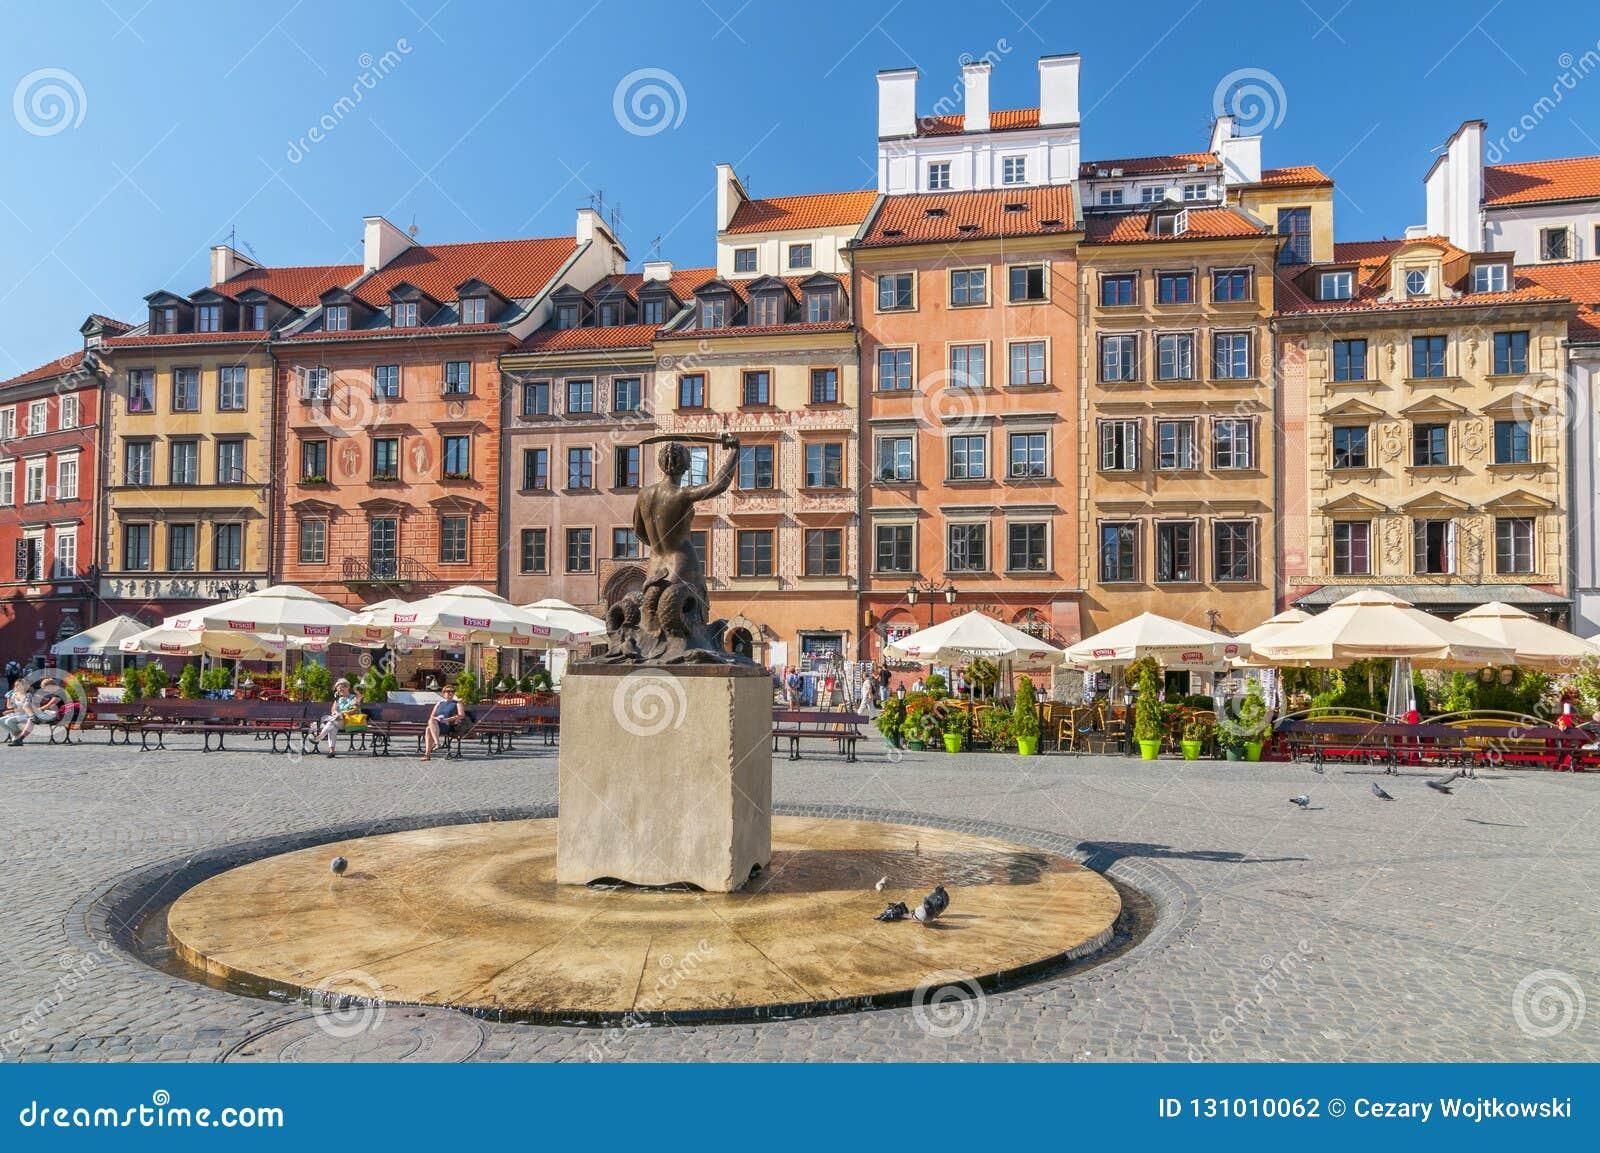 Το άγαλμα της γοργόνας στο κέντρο της παλαιάς πόλης της Βαρσοβίας στη Βαρσοβία, Πολωνία